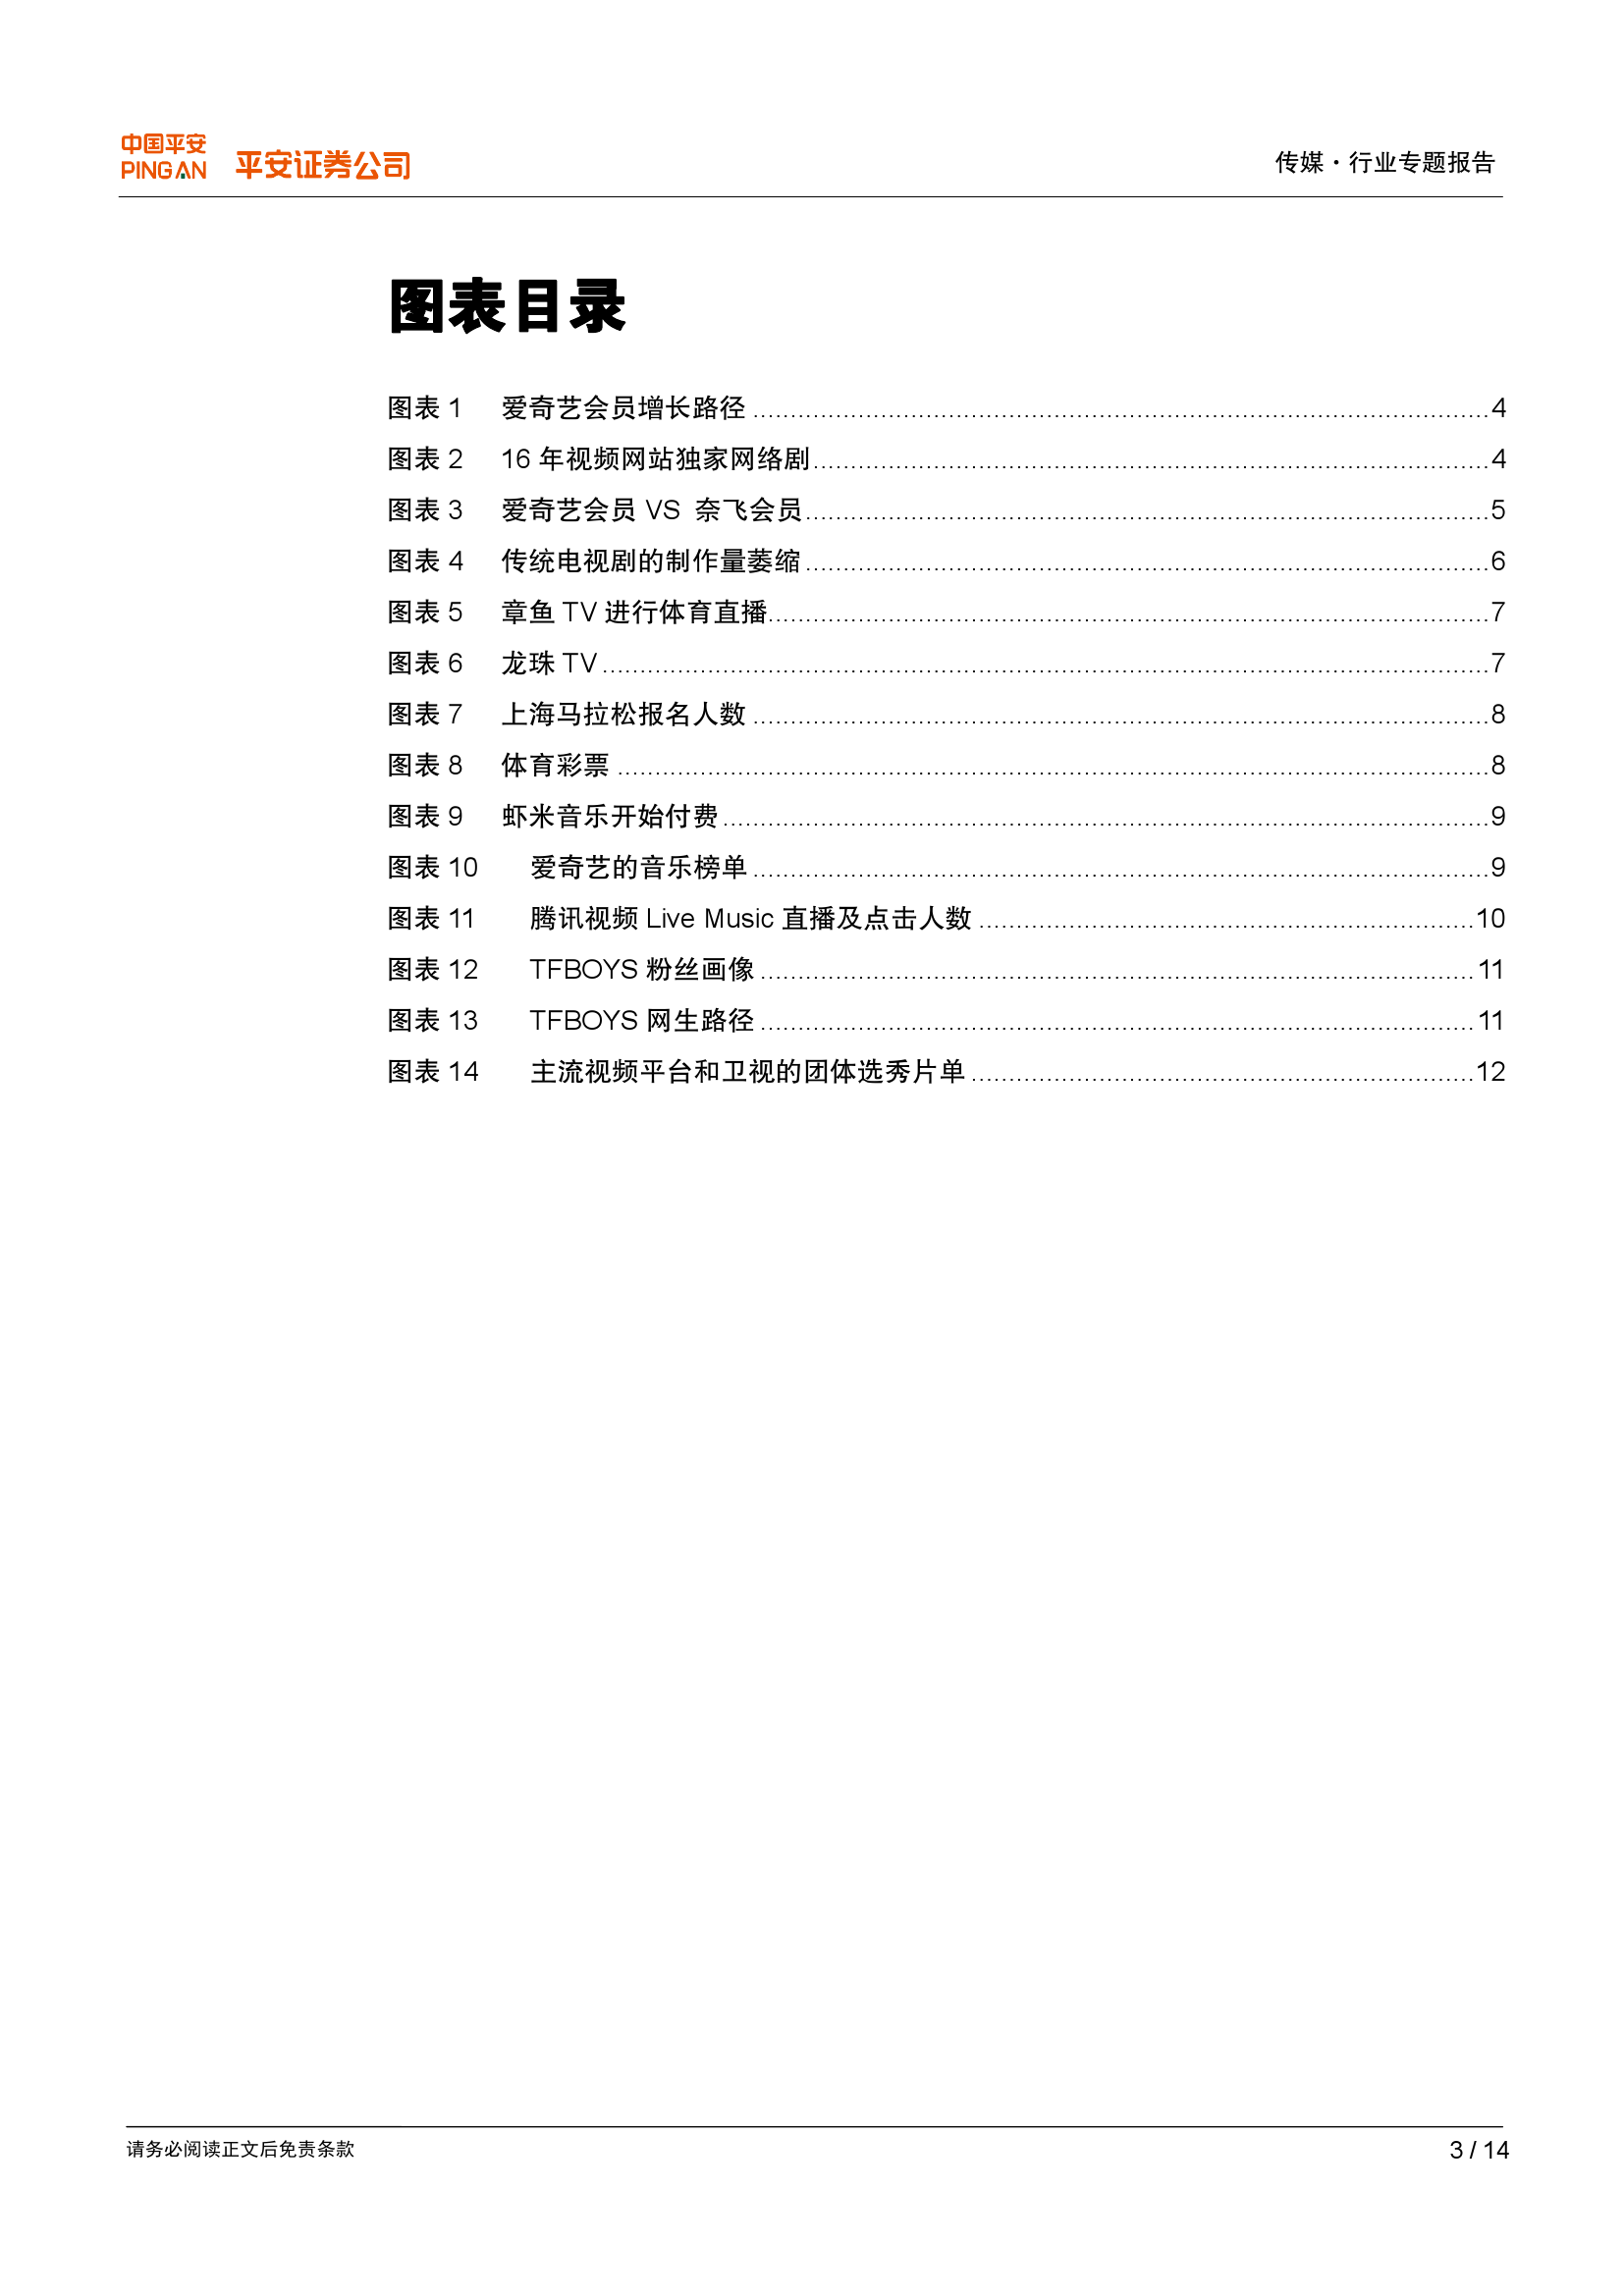 2016年传媒行业10大畅想_000003